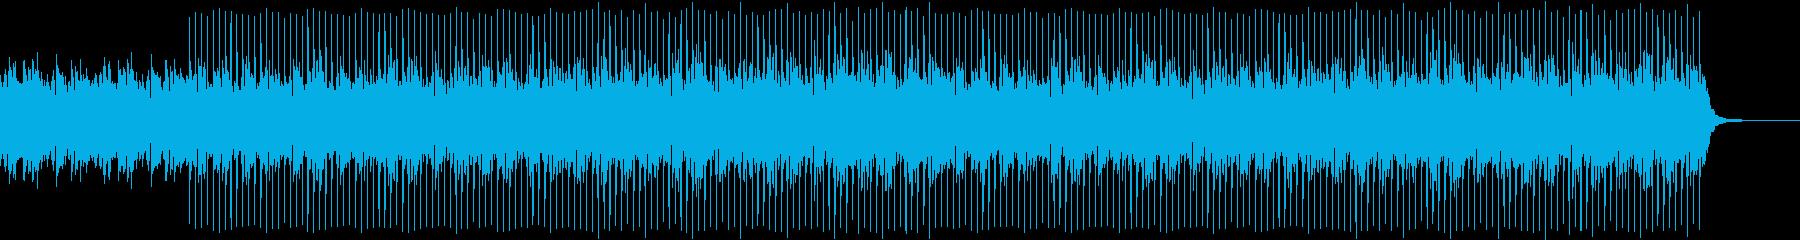 企業VP135、爽快、4つ打ち、ピアノaの再生済みの波形